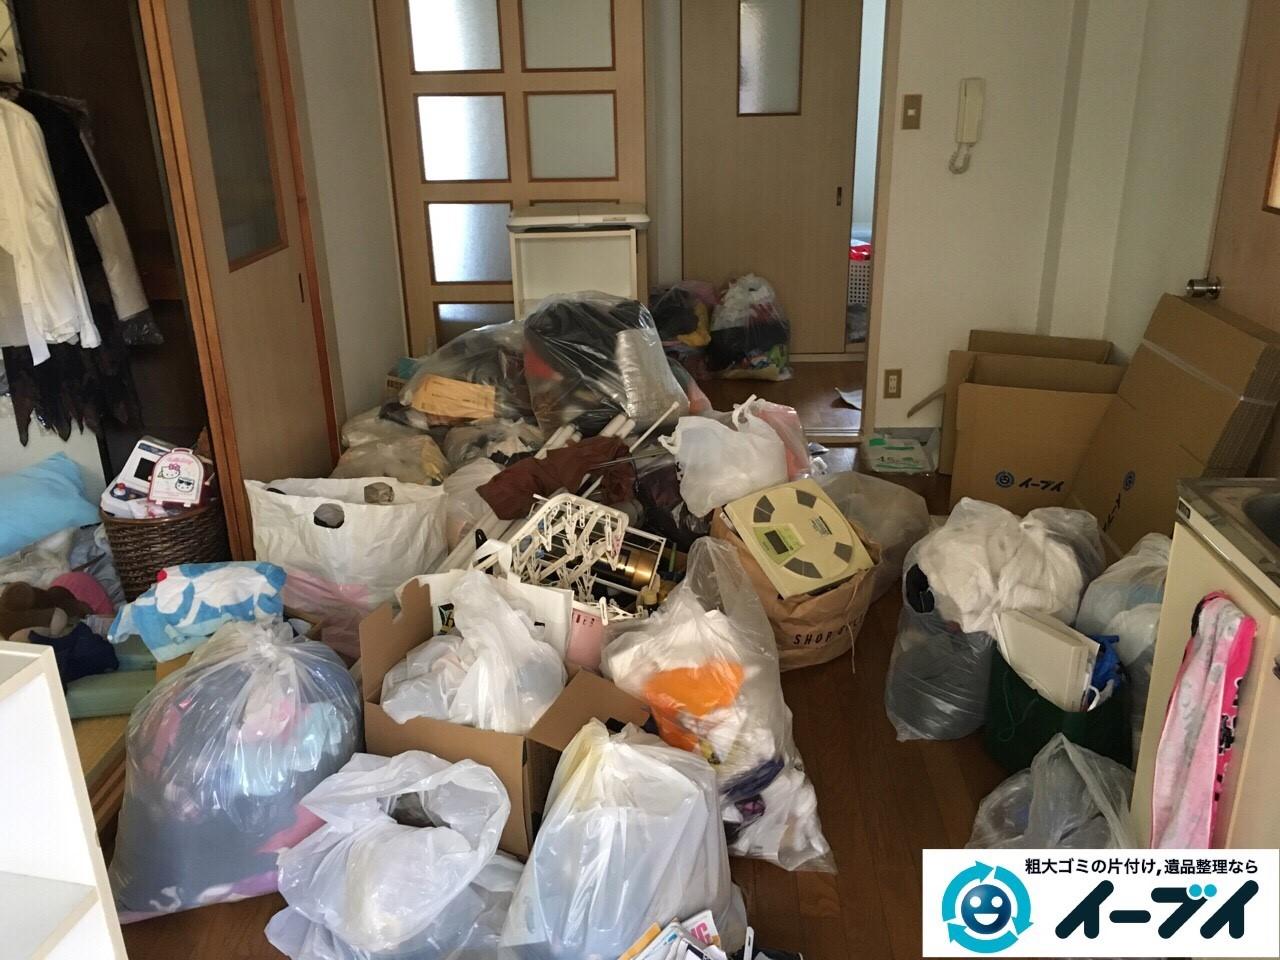 1月14日 大阪府大阪市西淀川区で引越しに際に出たゴミや粗大ゴミ等を丸ごと不用品回収しました。写真2